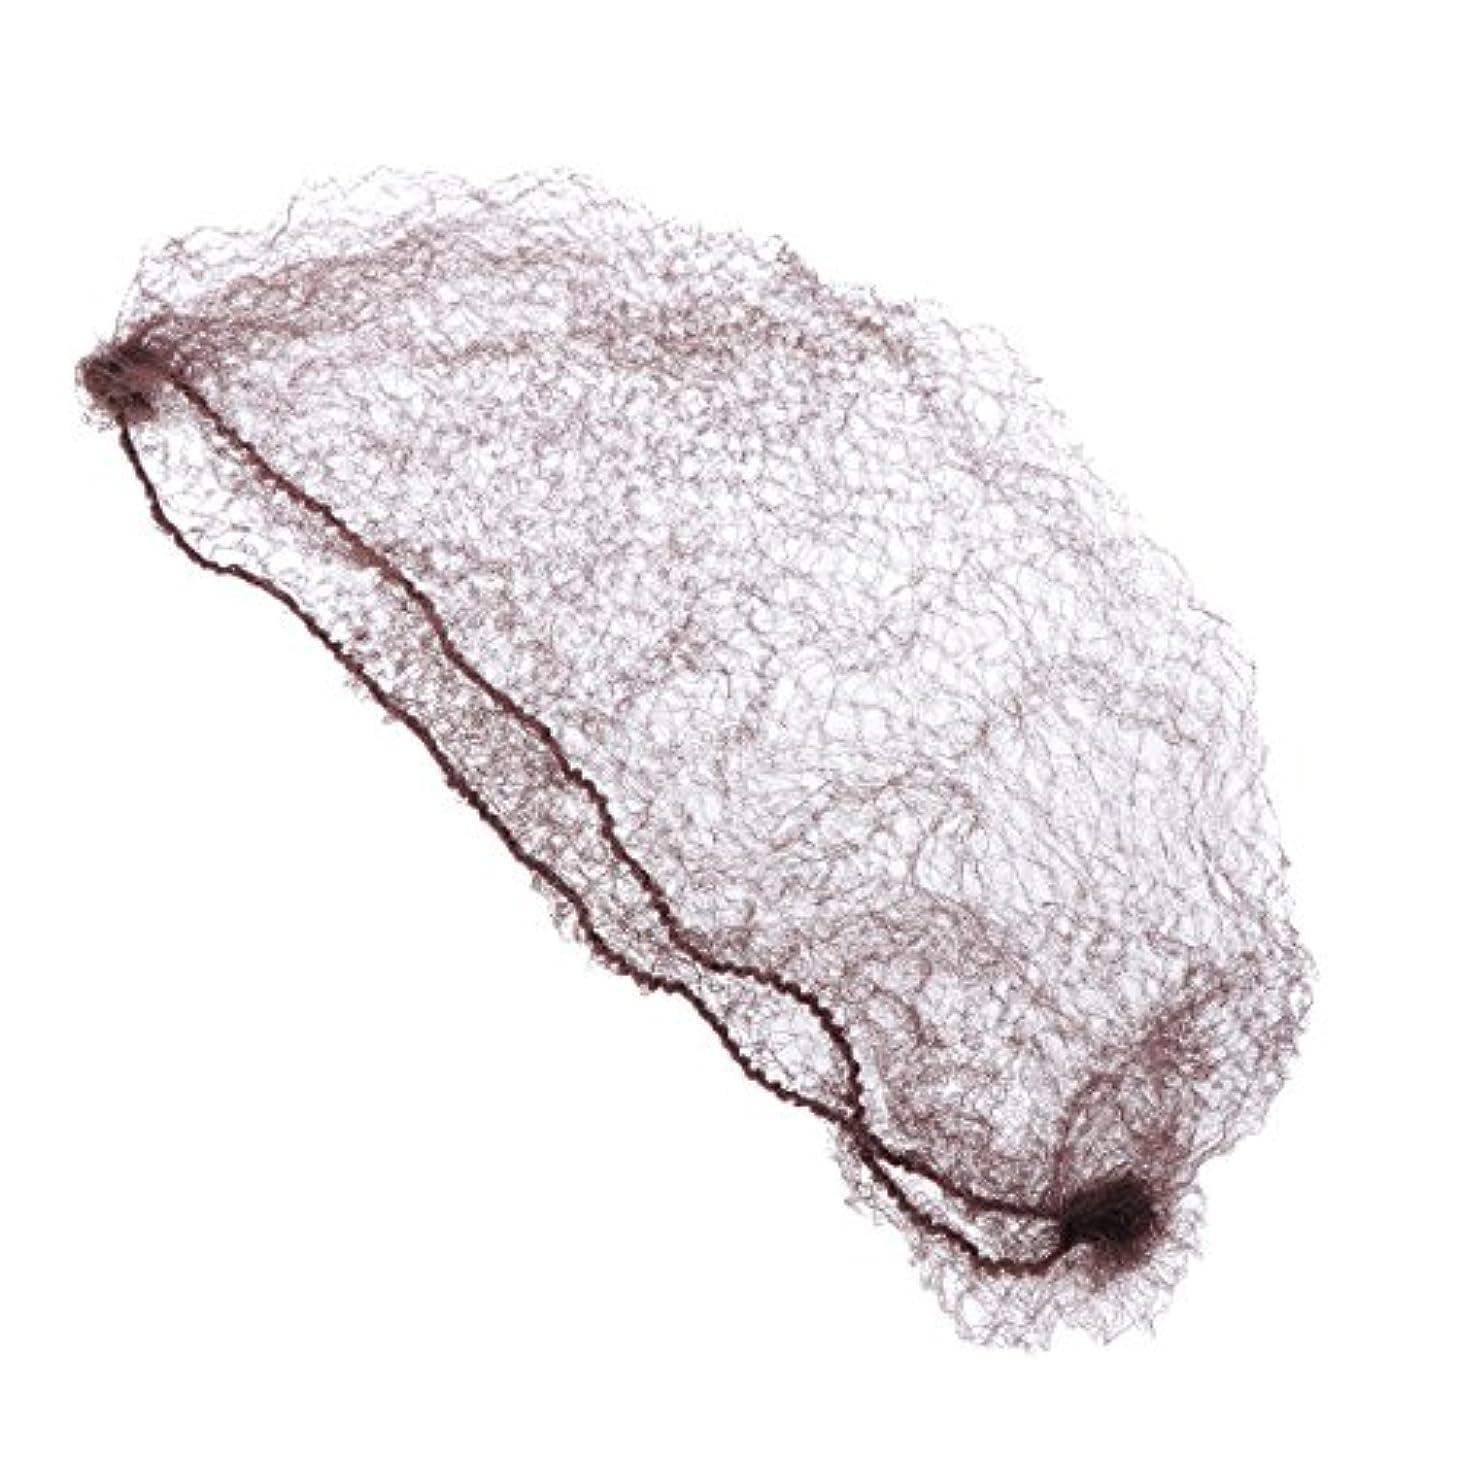 Frcolor ヘアネット 髪束ねネット 目に見えない 弾性 団子ドレスアップ アクセサリー 再利用可能 50本 (コーヒー/ 50cm)